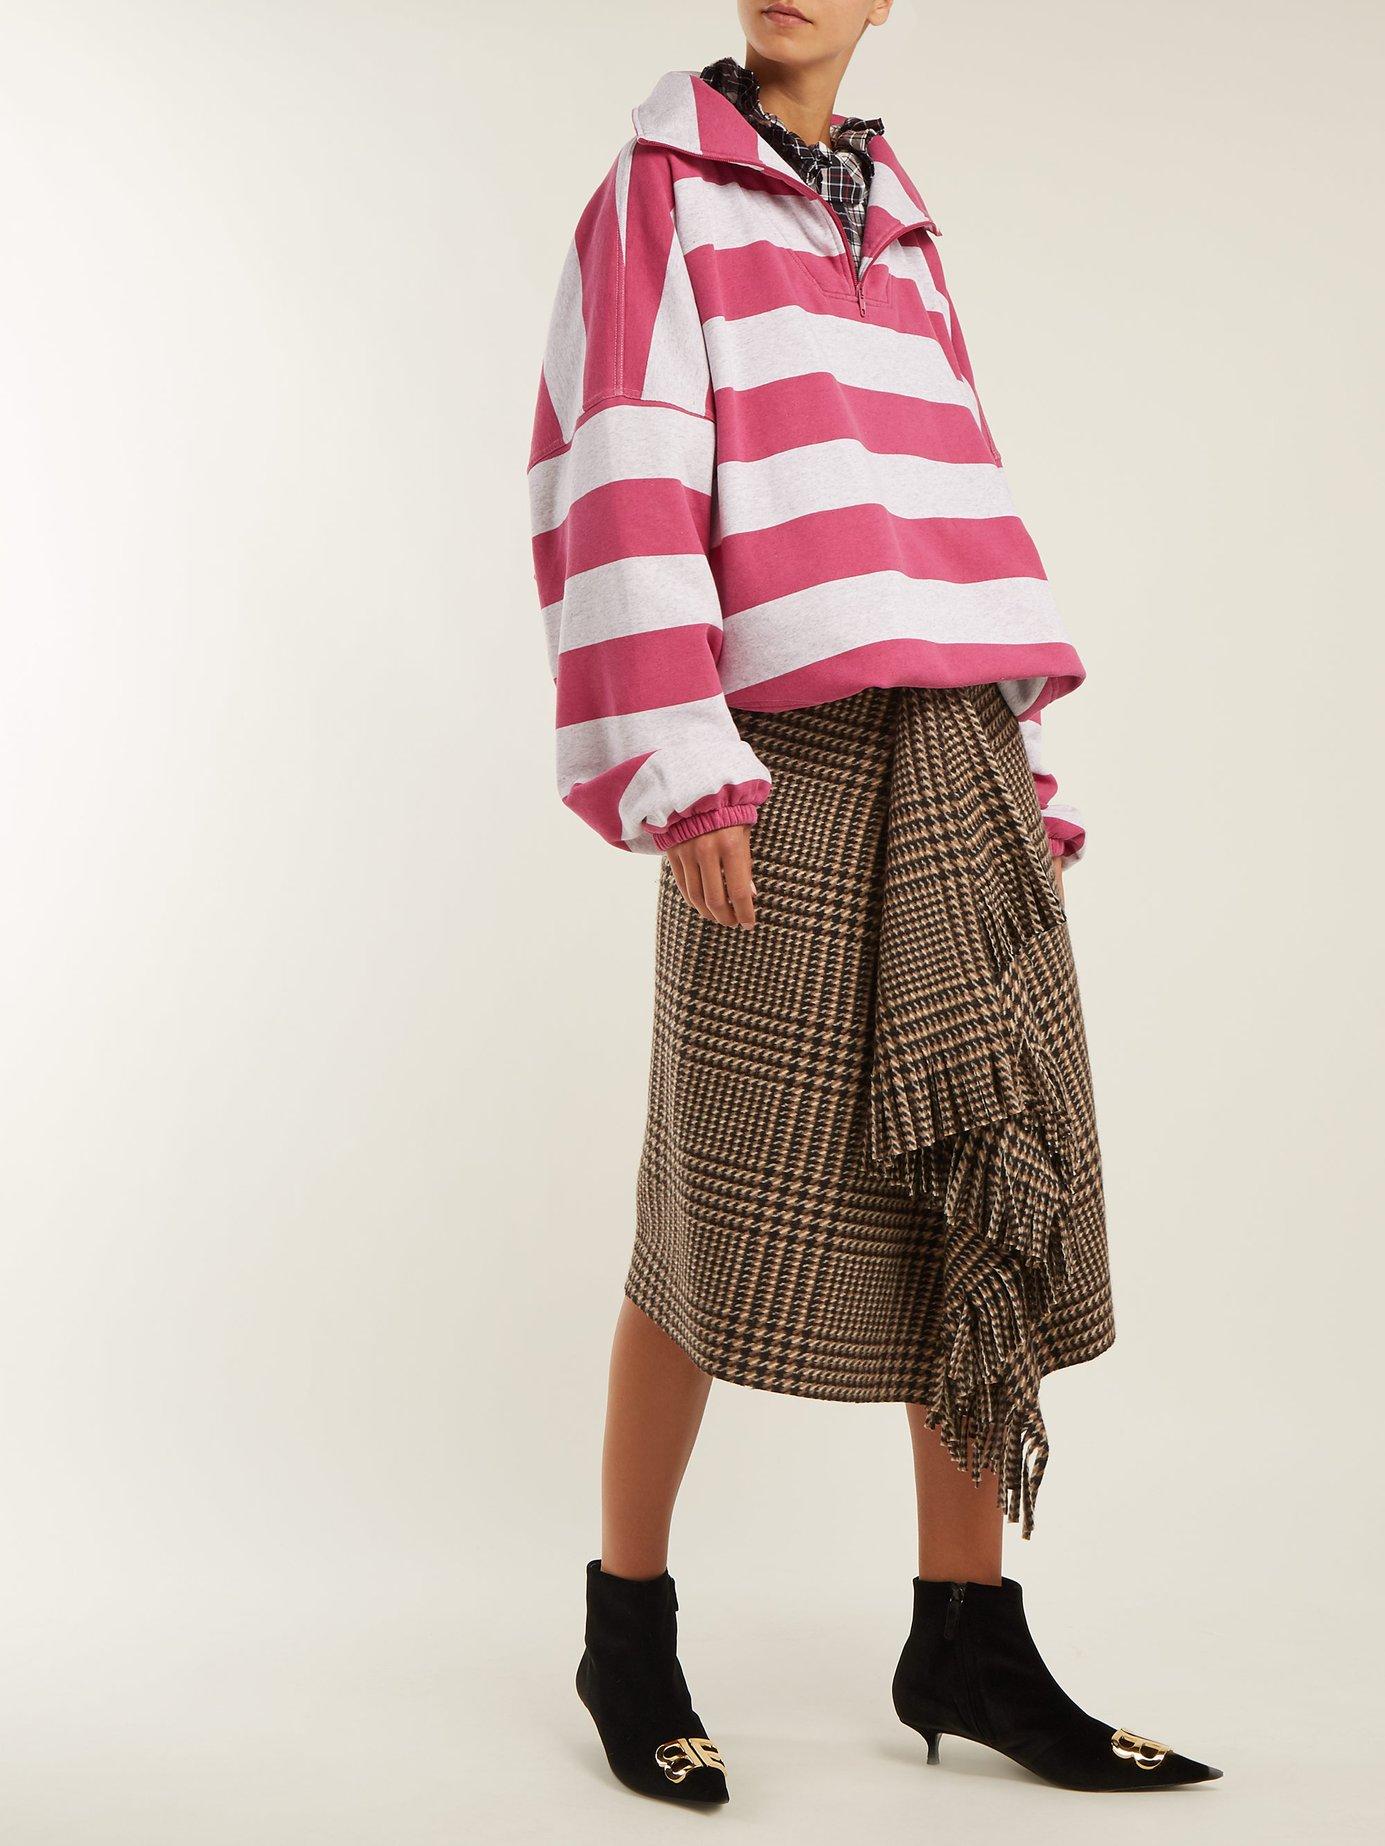 Striped cotton-blend top by Balenciaga